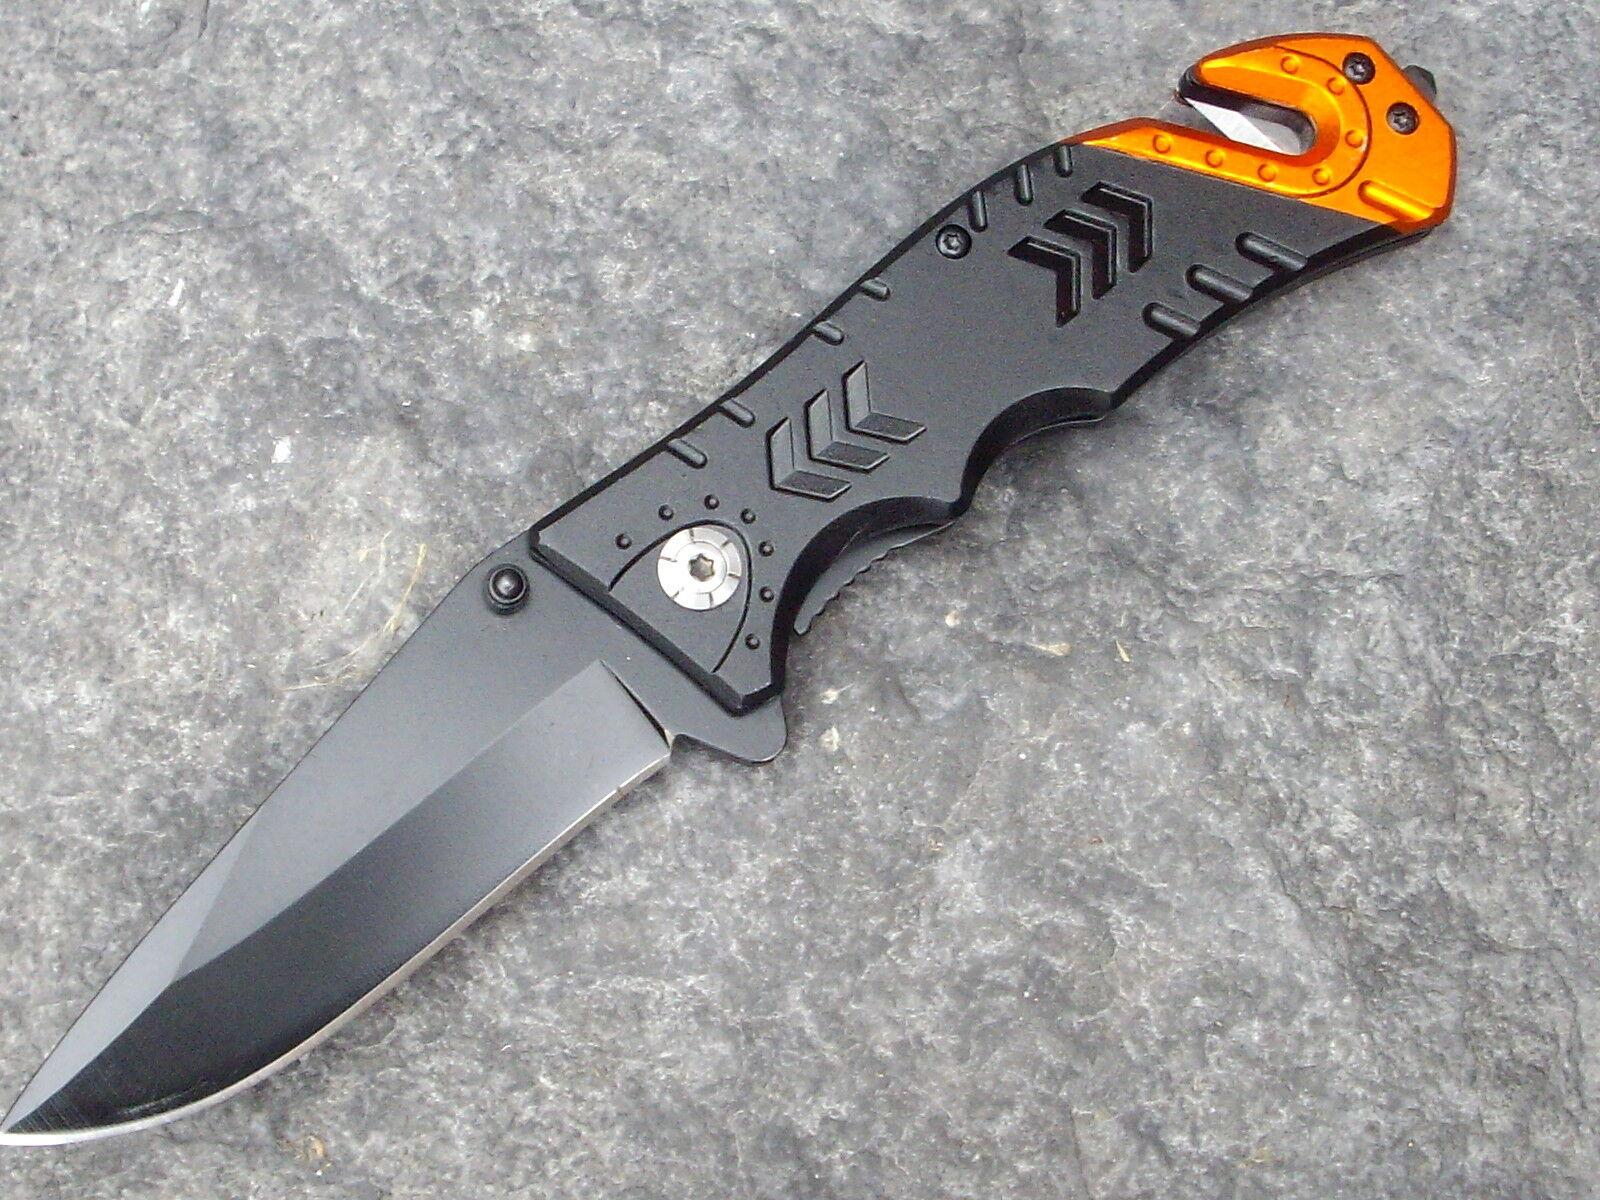 Urgence couteau sauvetage Couteau Couteau Couteau Couteau de poche avec gurtschneider & glasbrecher NOUVEAU! b9b393